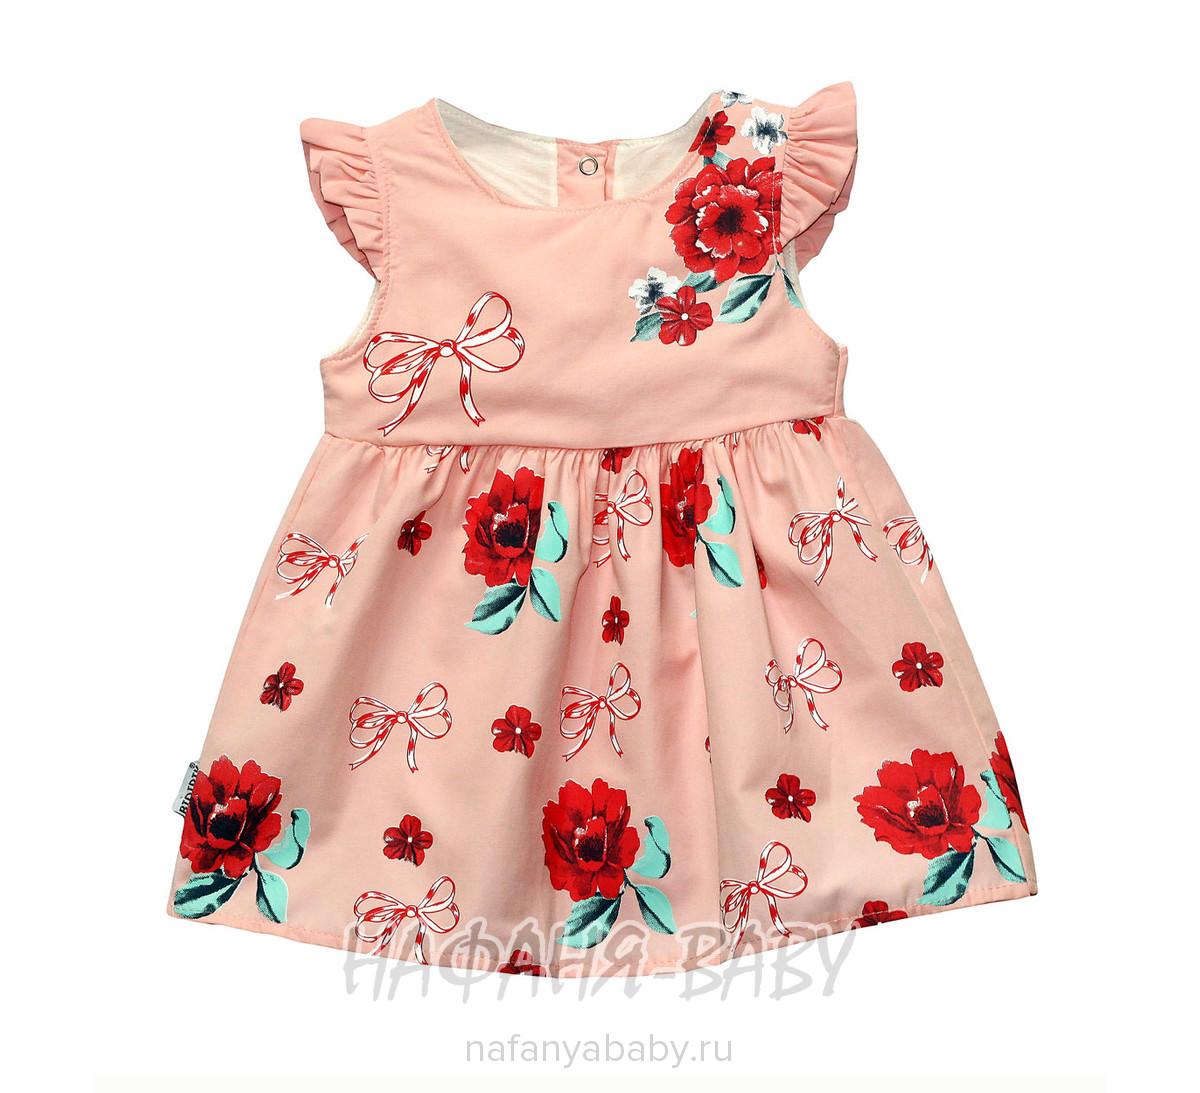 Детское платье BIDIRIK арт: 738, 1-4 года, 0-12 мес, оптом Турция